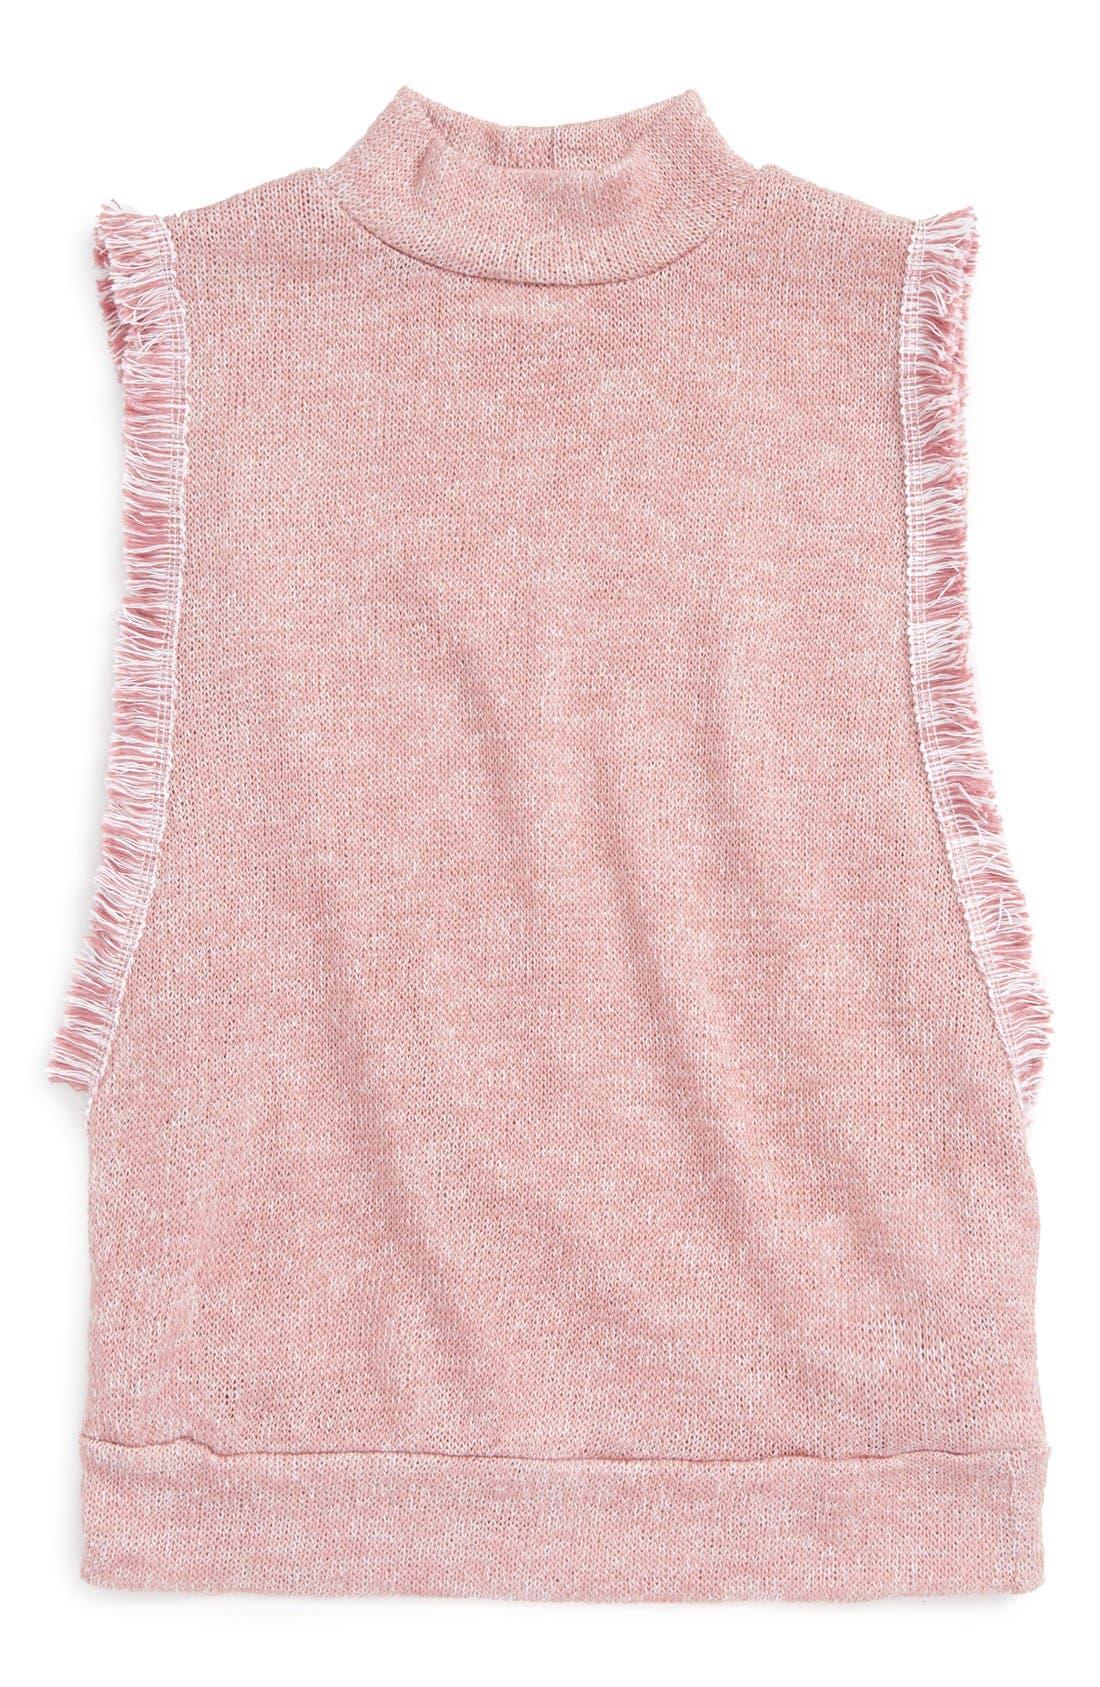 Alternate Image 1 Selected - h.i.p. Mock Neck Knit Top (Big Girls)